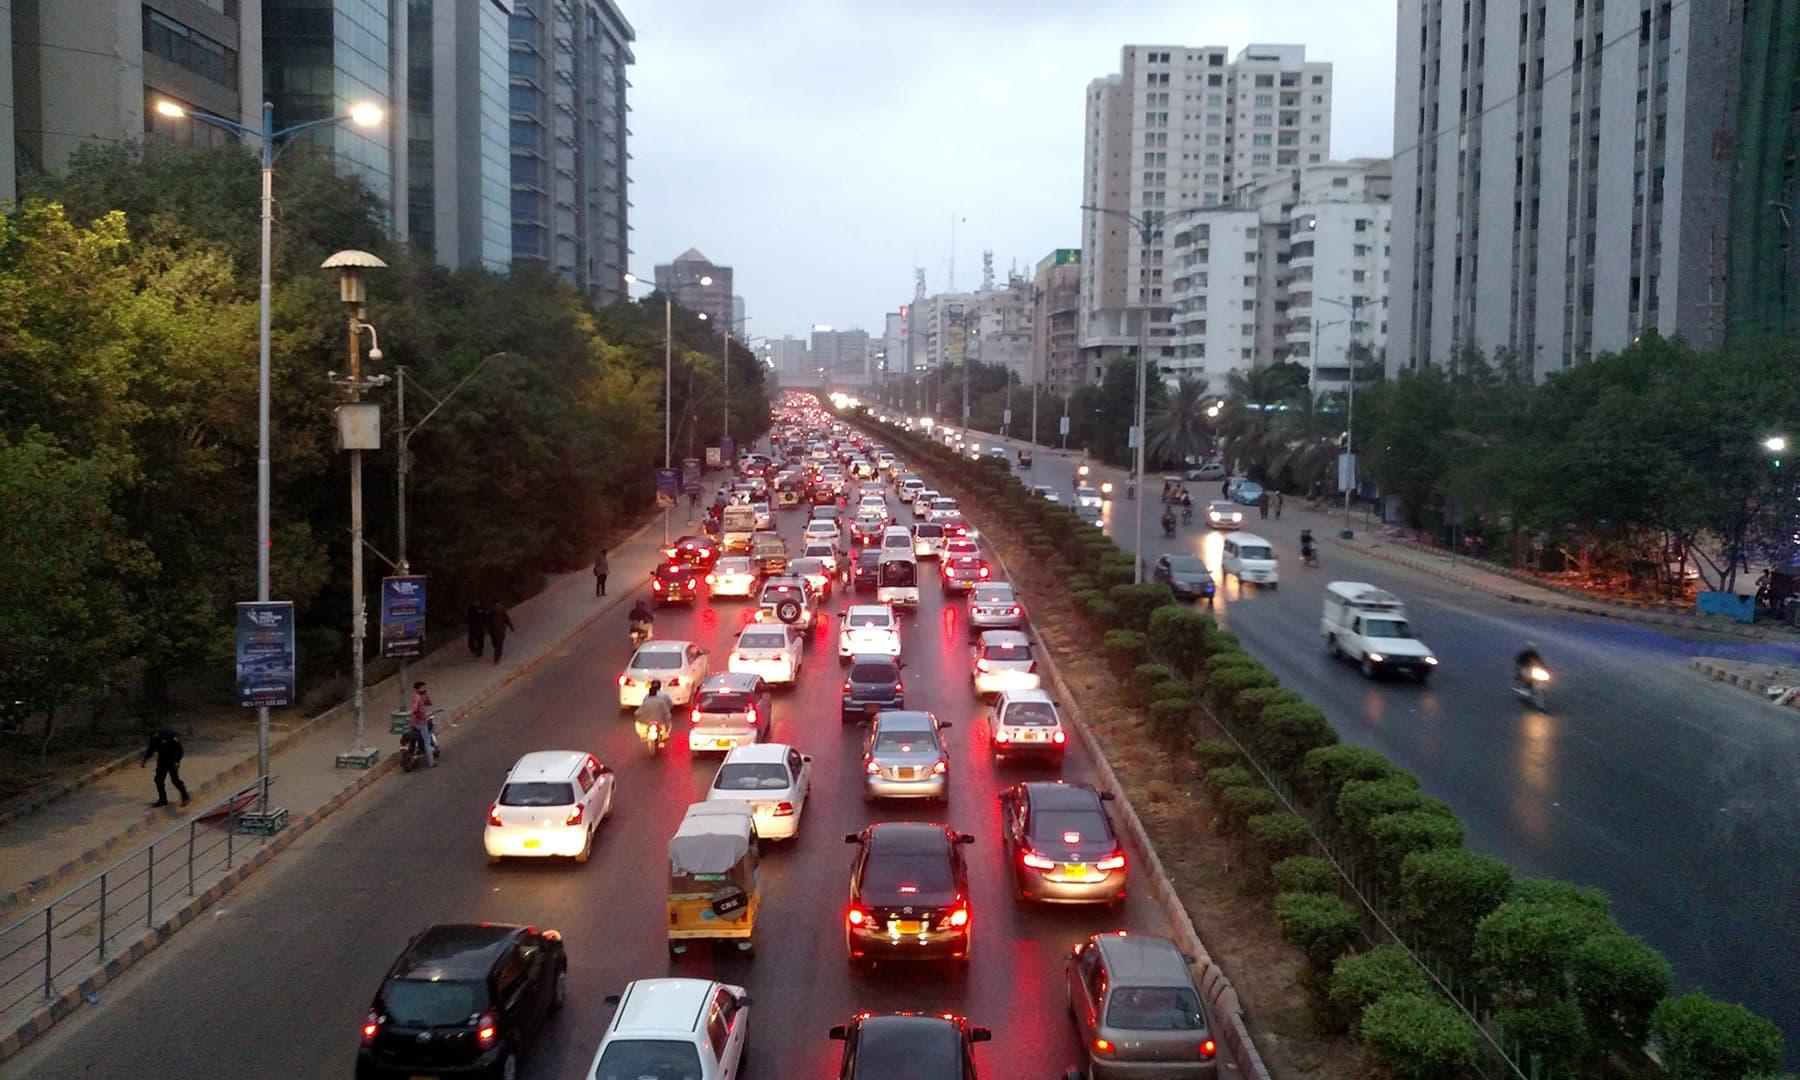 شارع فیصل کا ٹریفک—تصویر عبیداللہ کیہر